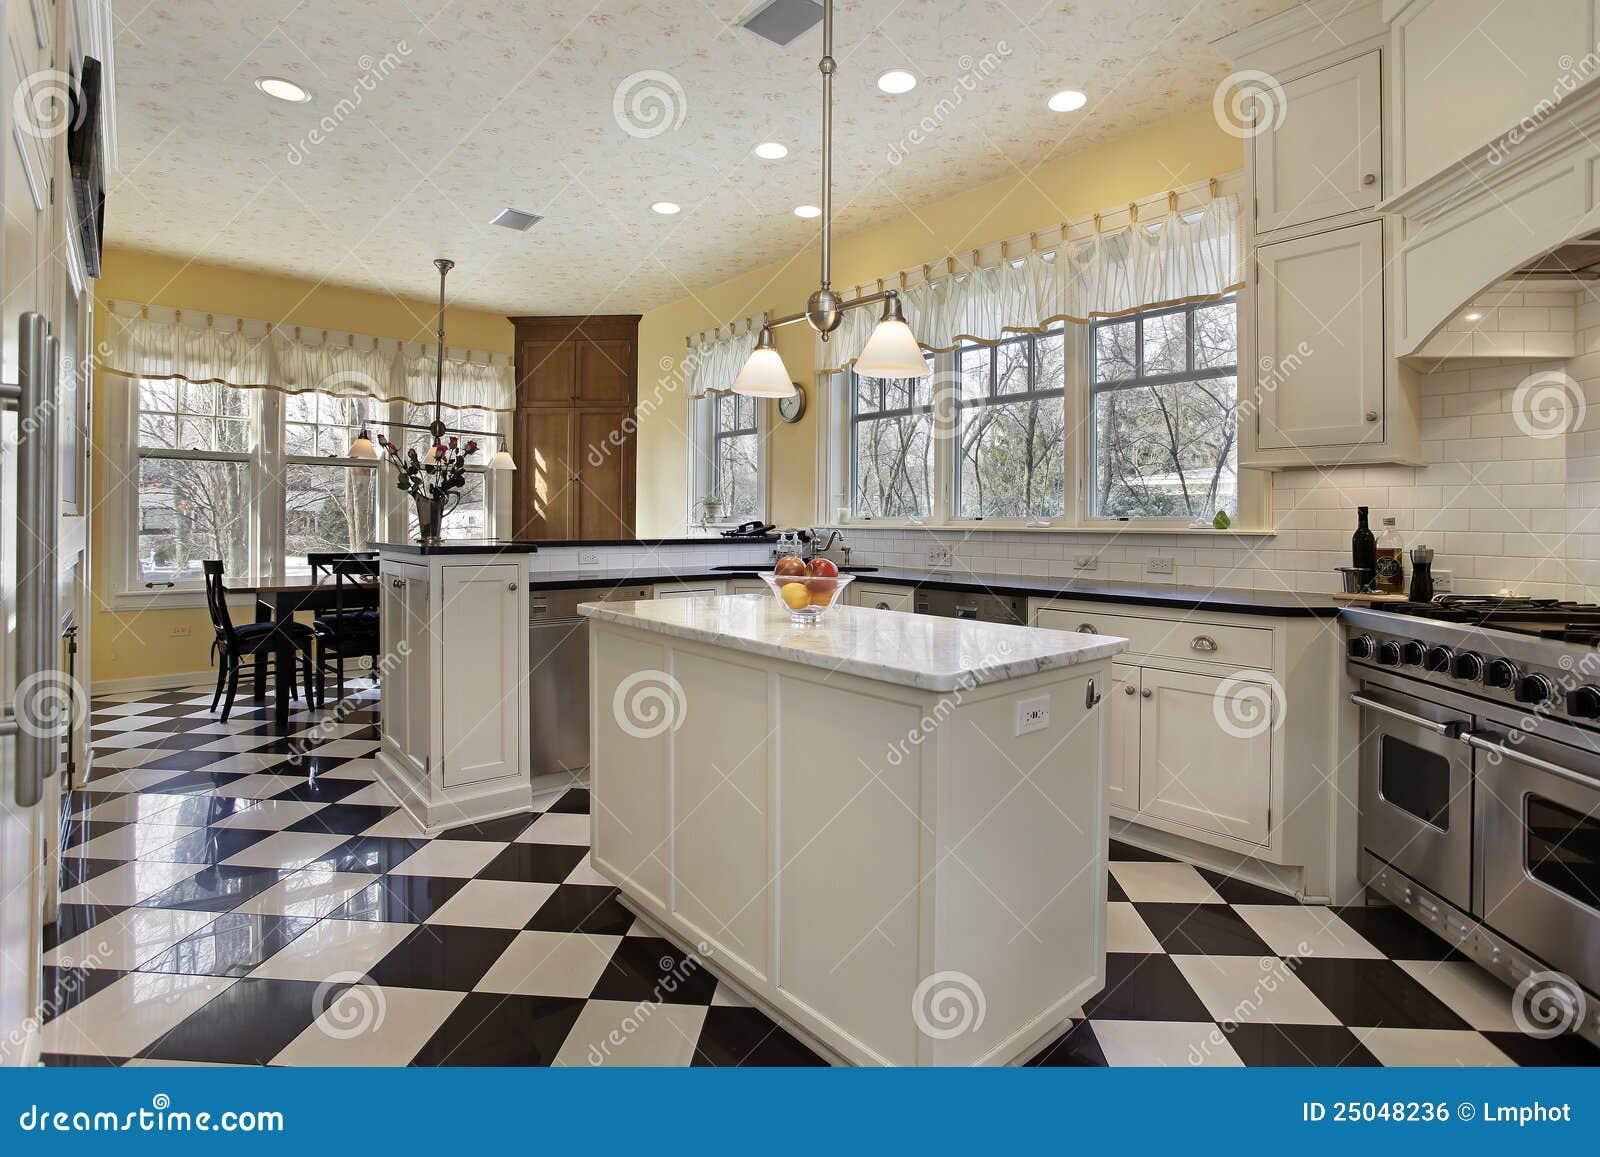 Cozinha Com Revestimento Preto E Branco Imagem de Stock Royalty Free  #82A328 1300 957